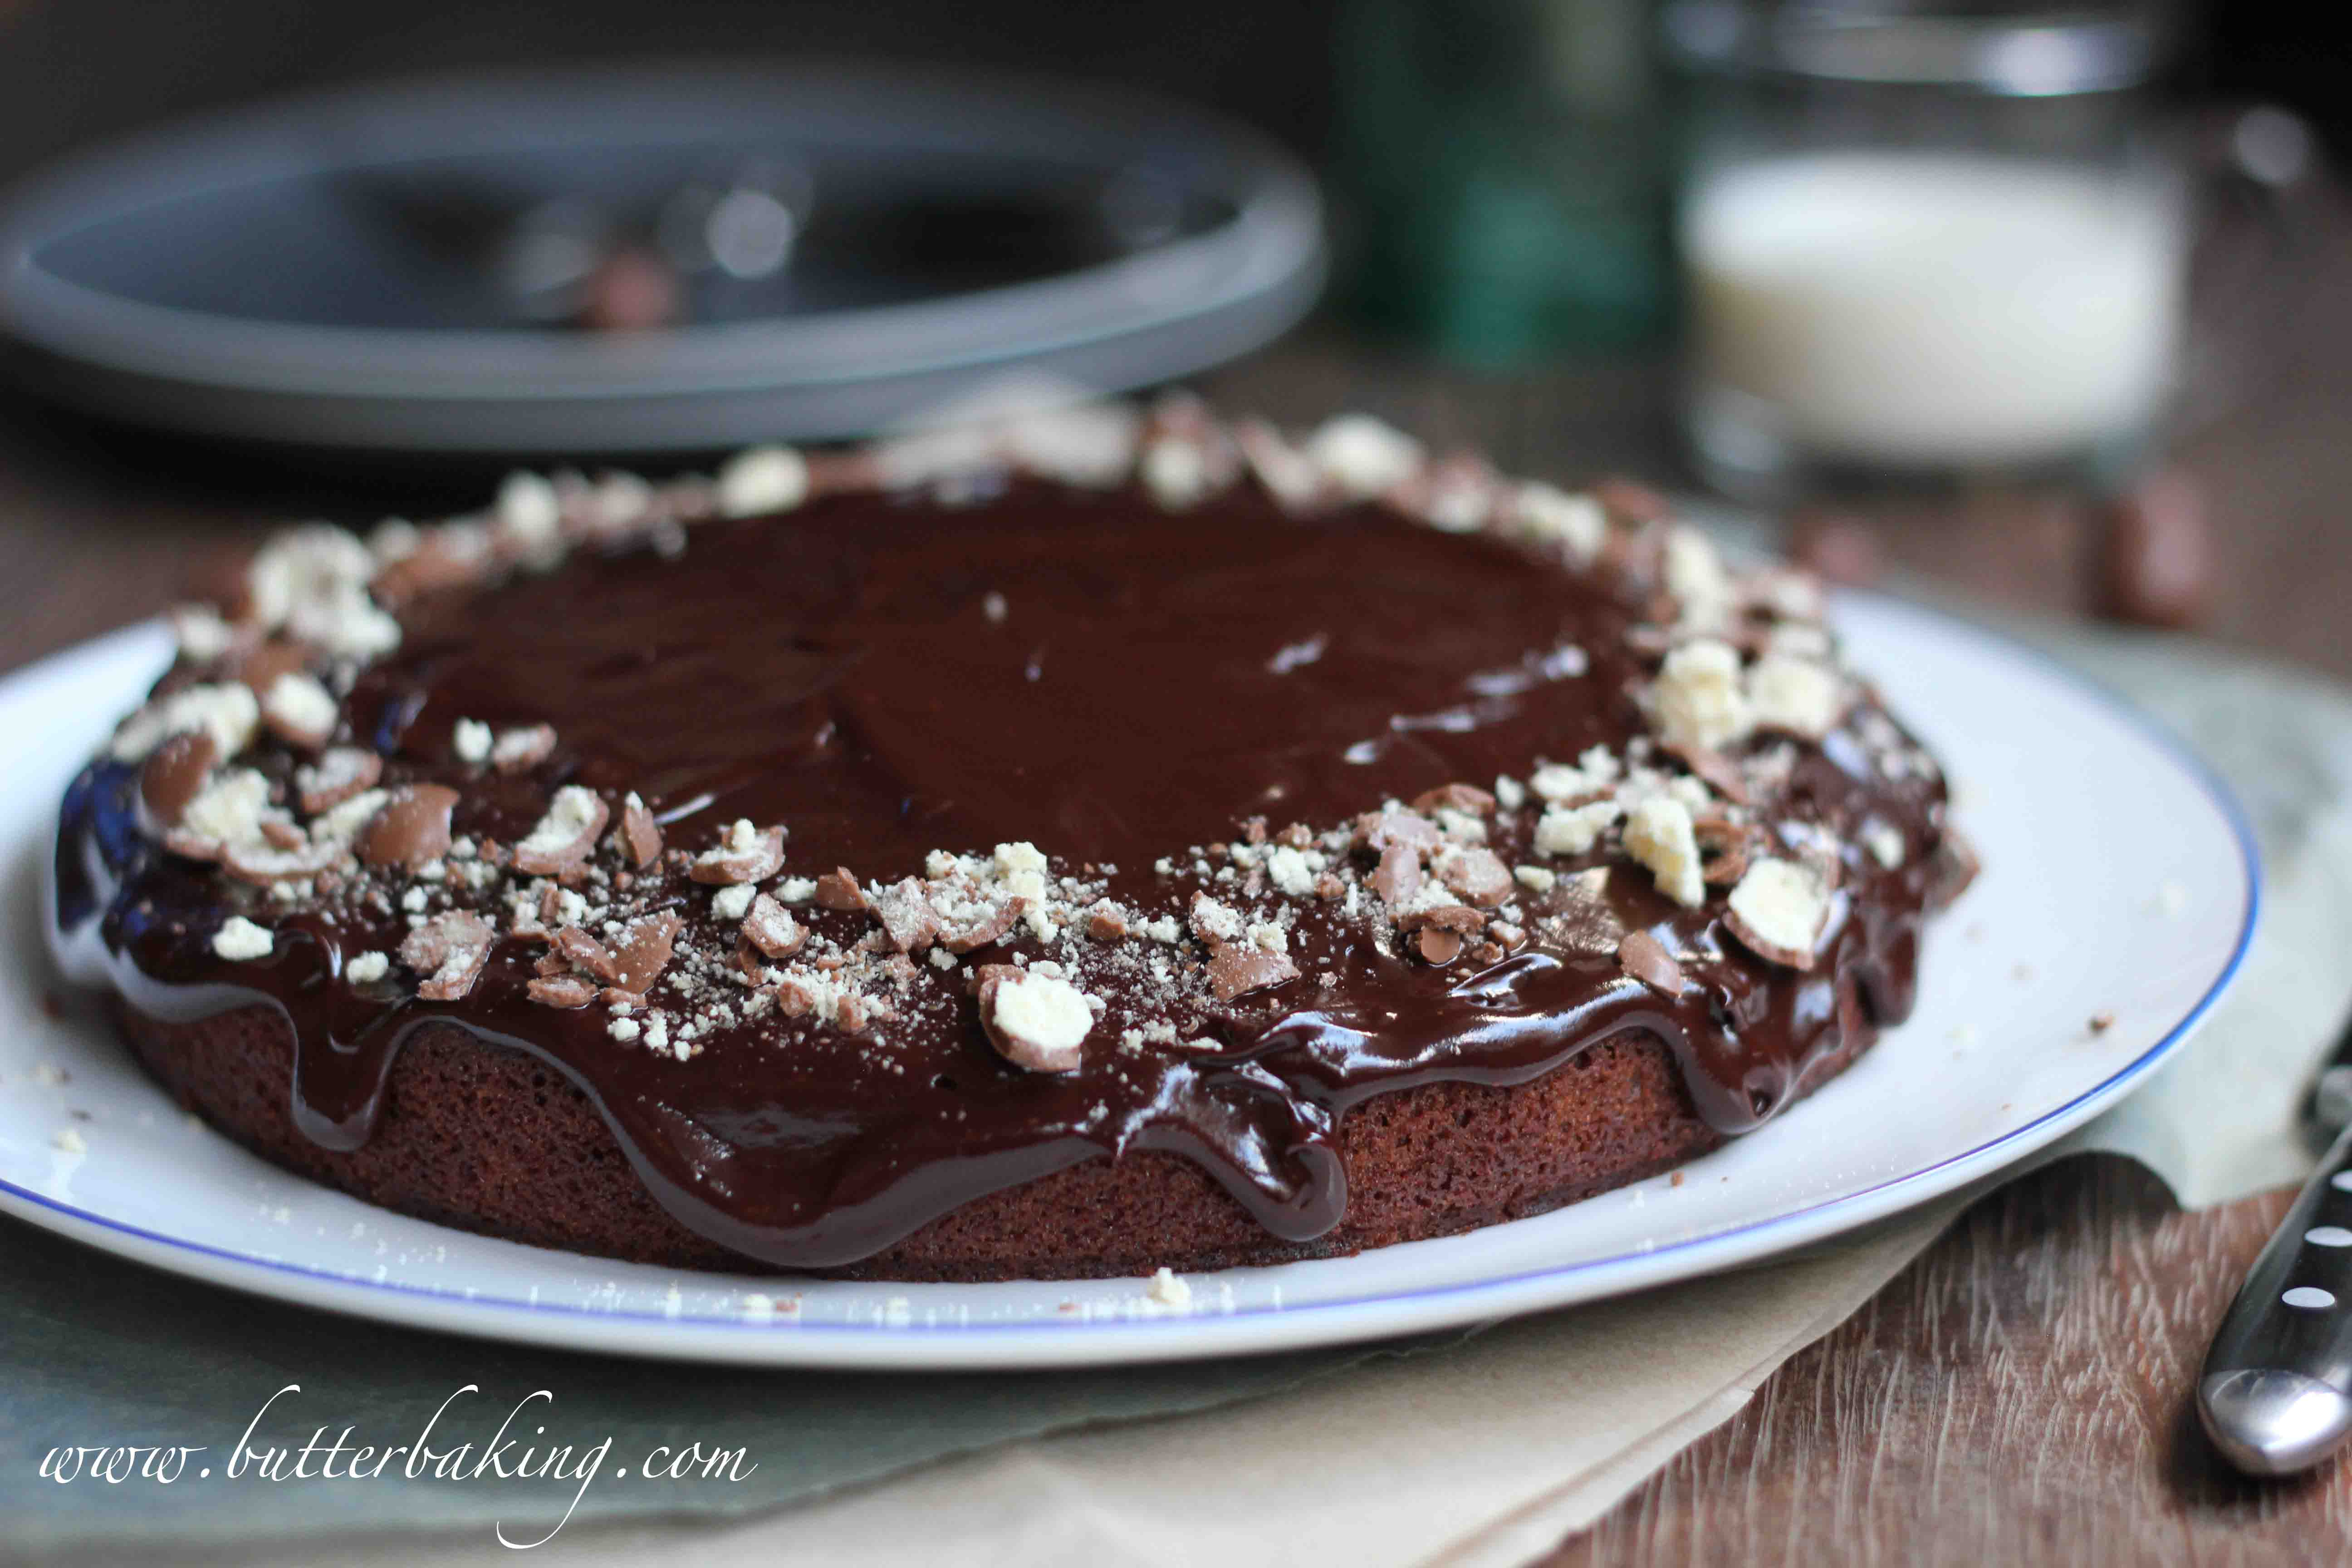 Chocolate Buttermilk Cake | Butter Baking